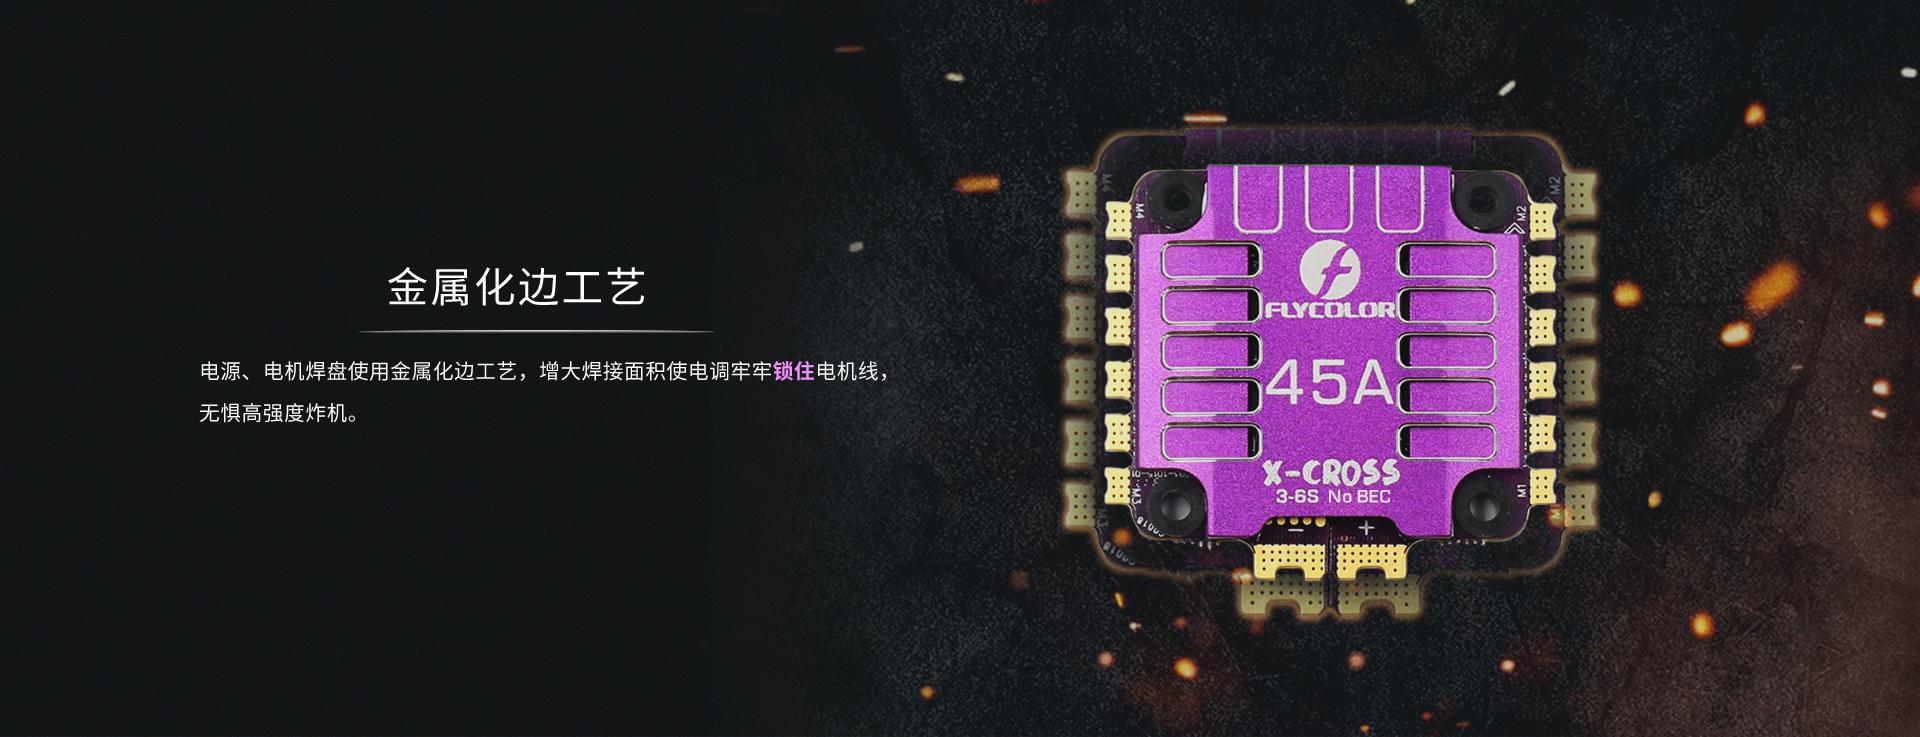 2017.8.14-飞盈佳乐VI-视觉形象识别系统_看图王_04.png